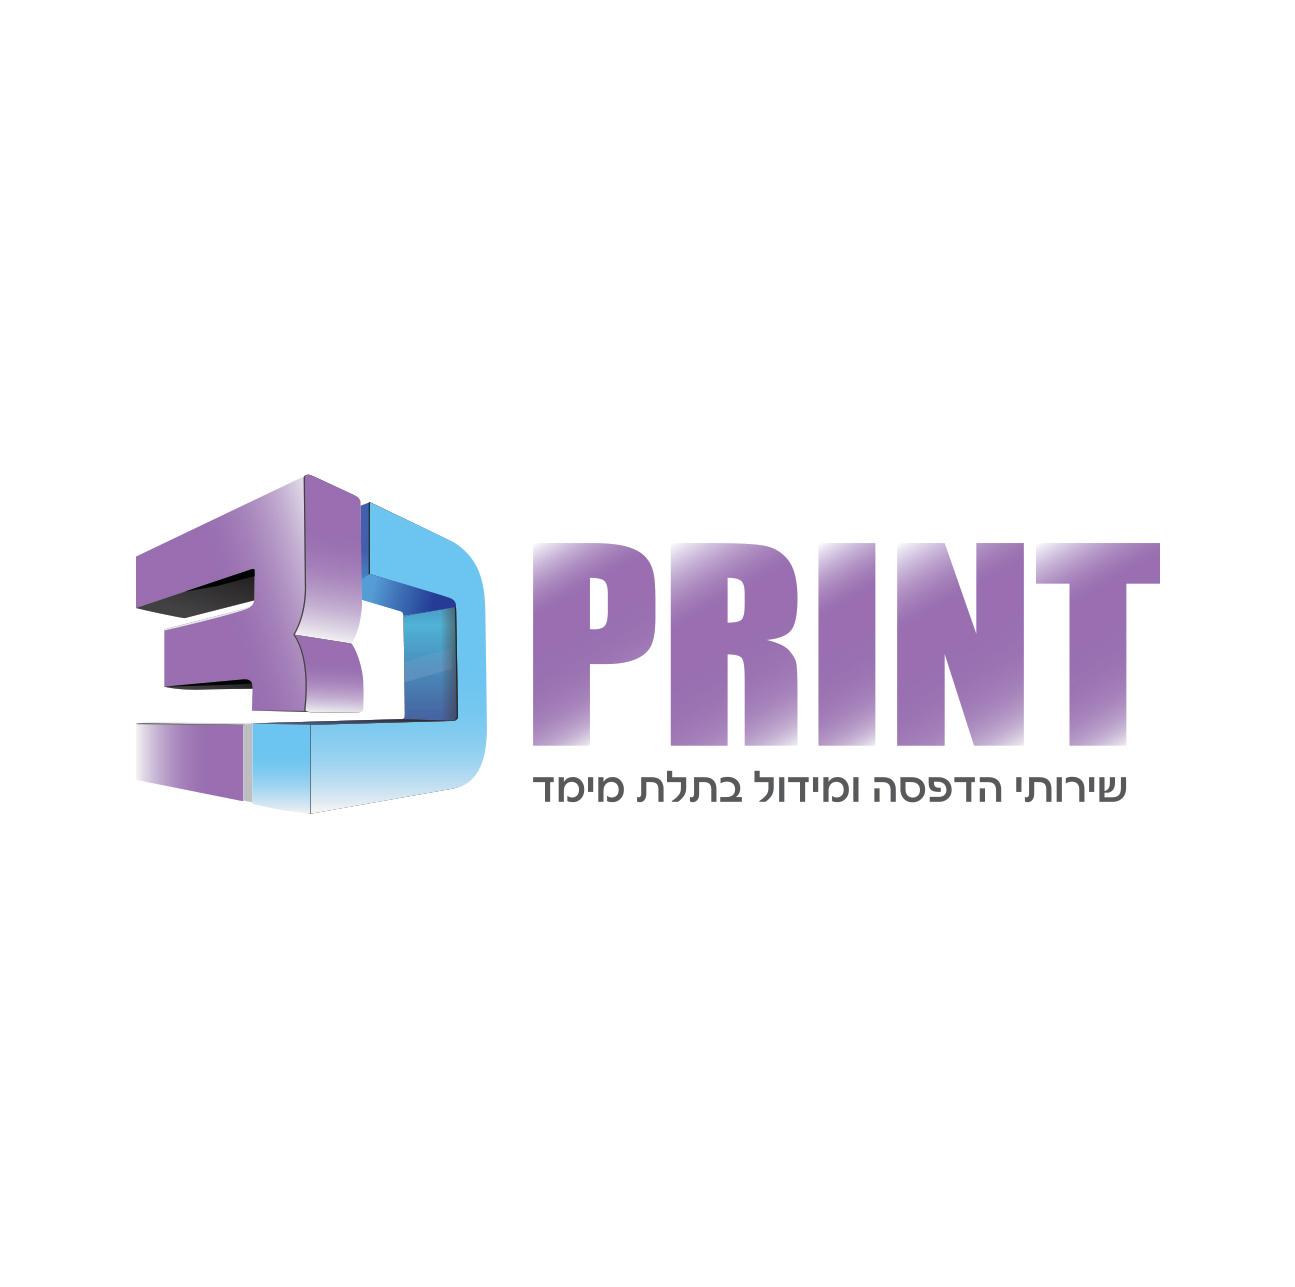 עיצוב לוגו לבית דפוס